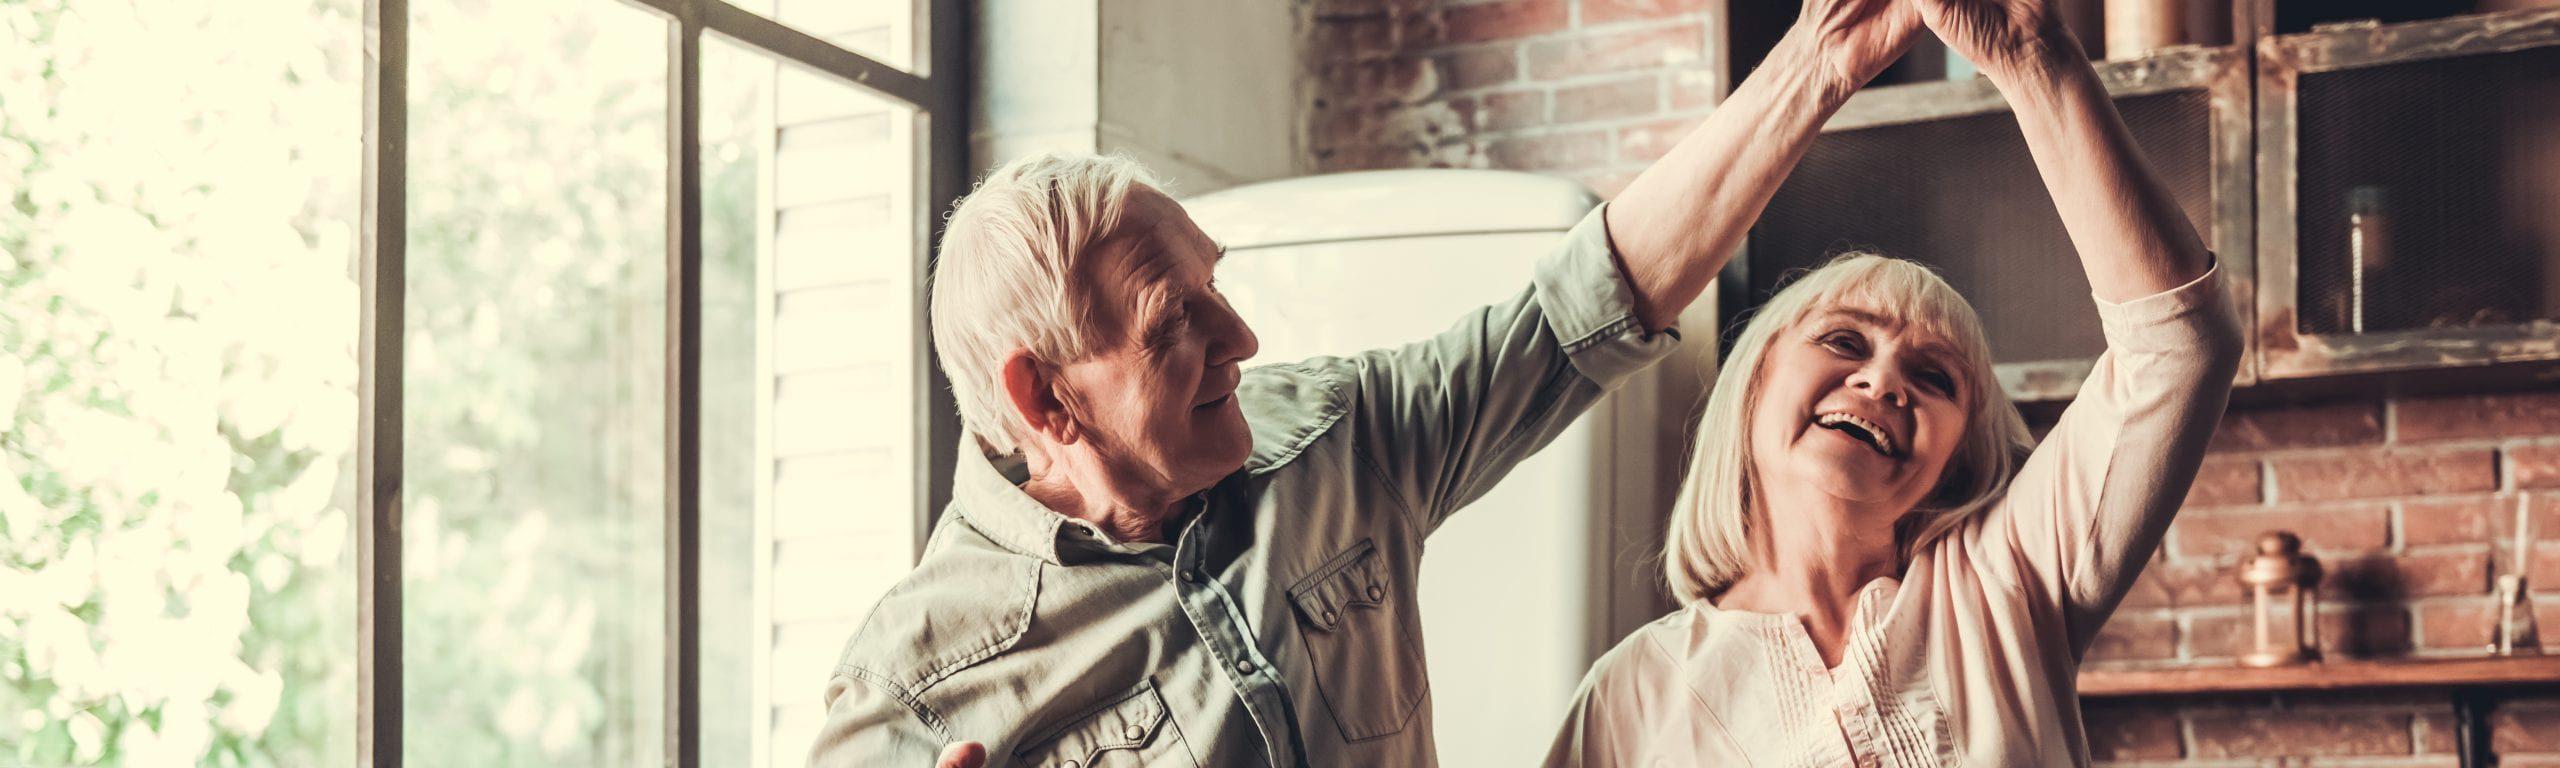 Seniorenpaar tanzt glücklich durch seine Küche.